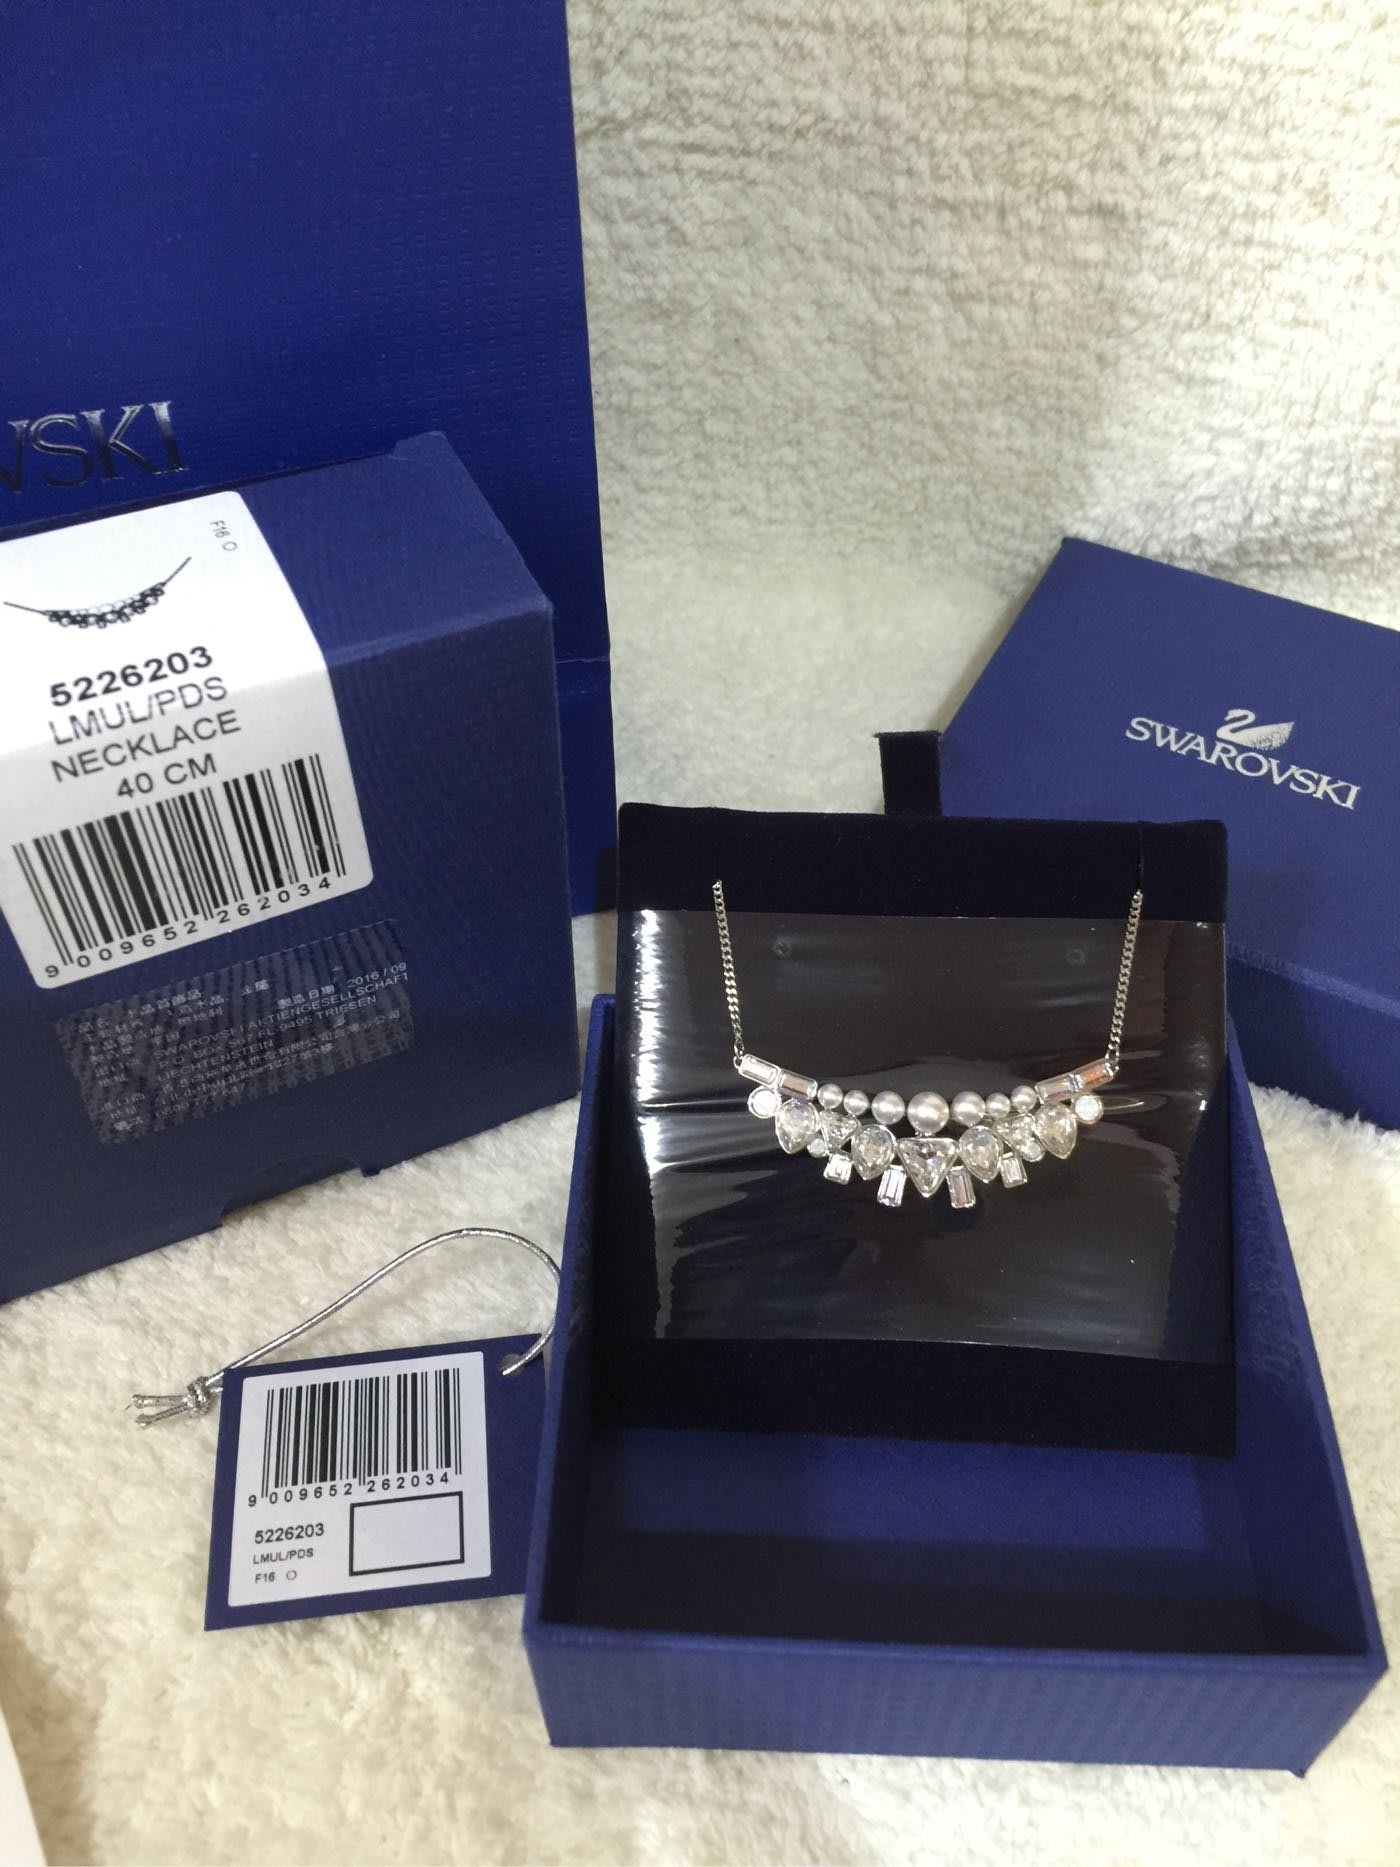 全新Swarovski 施華洛世奇Festivity Small Necklace項鍊(5226203)